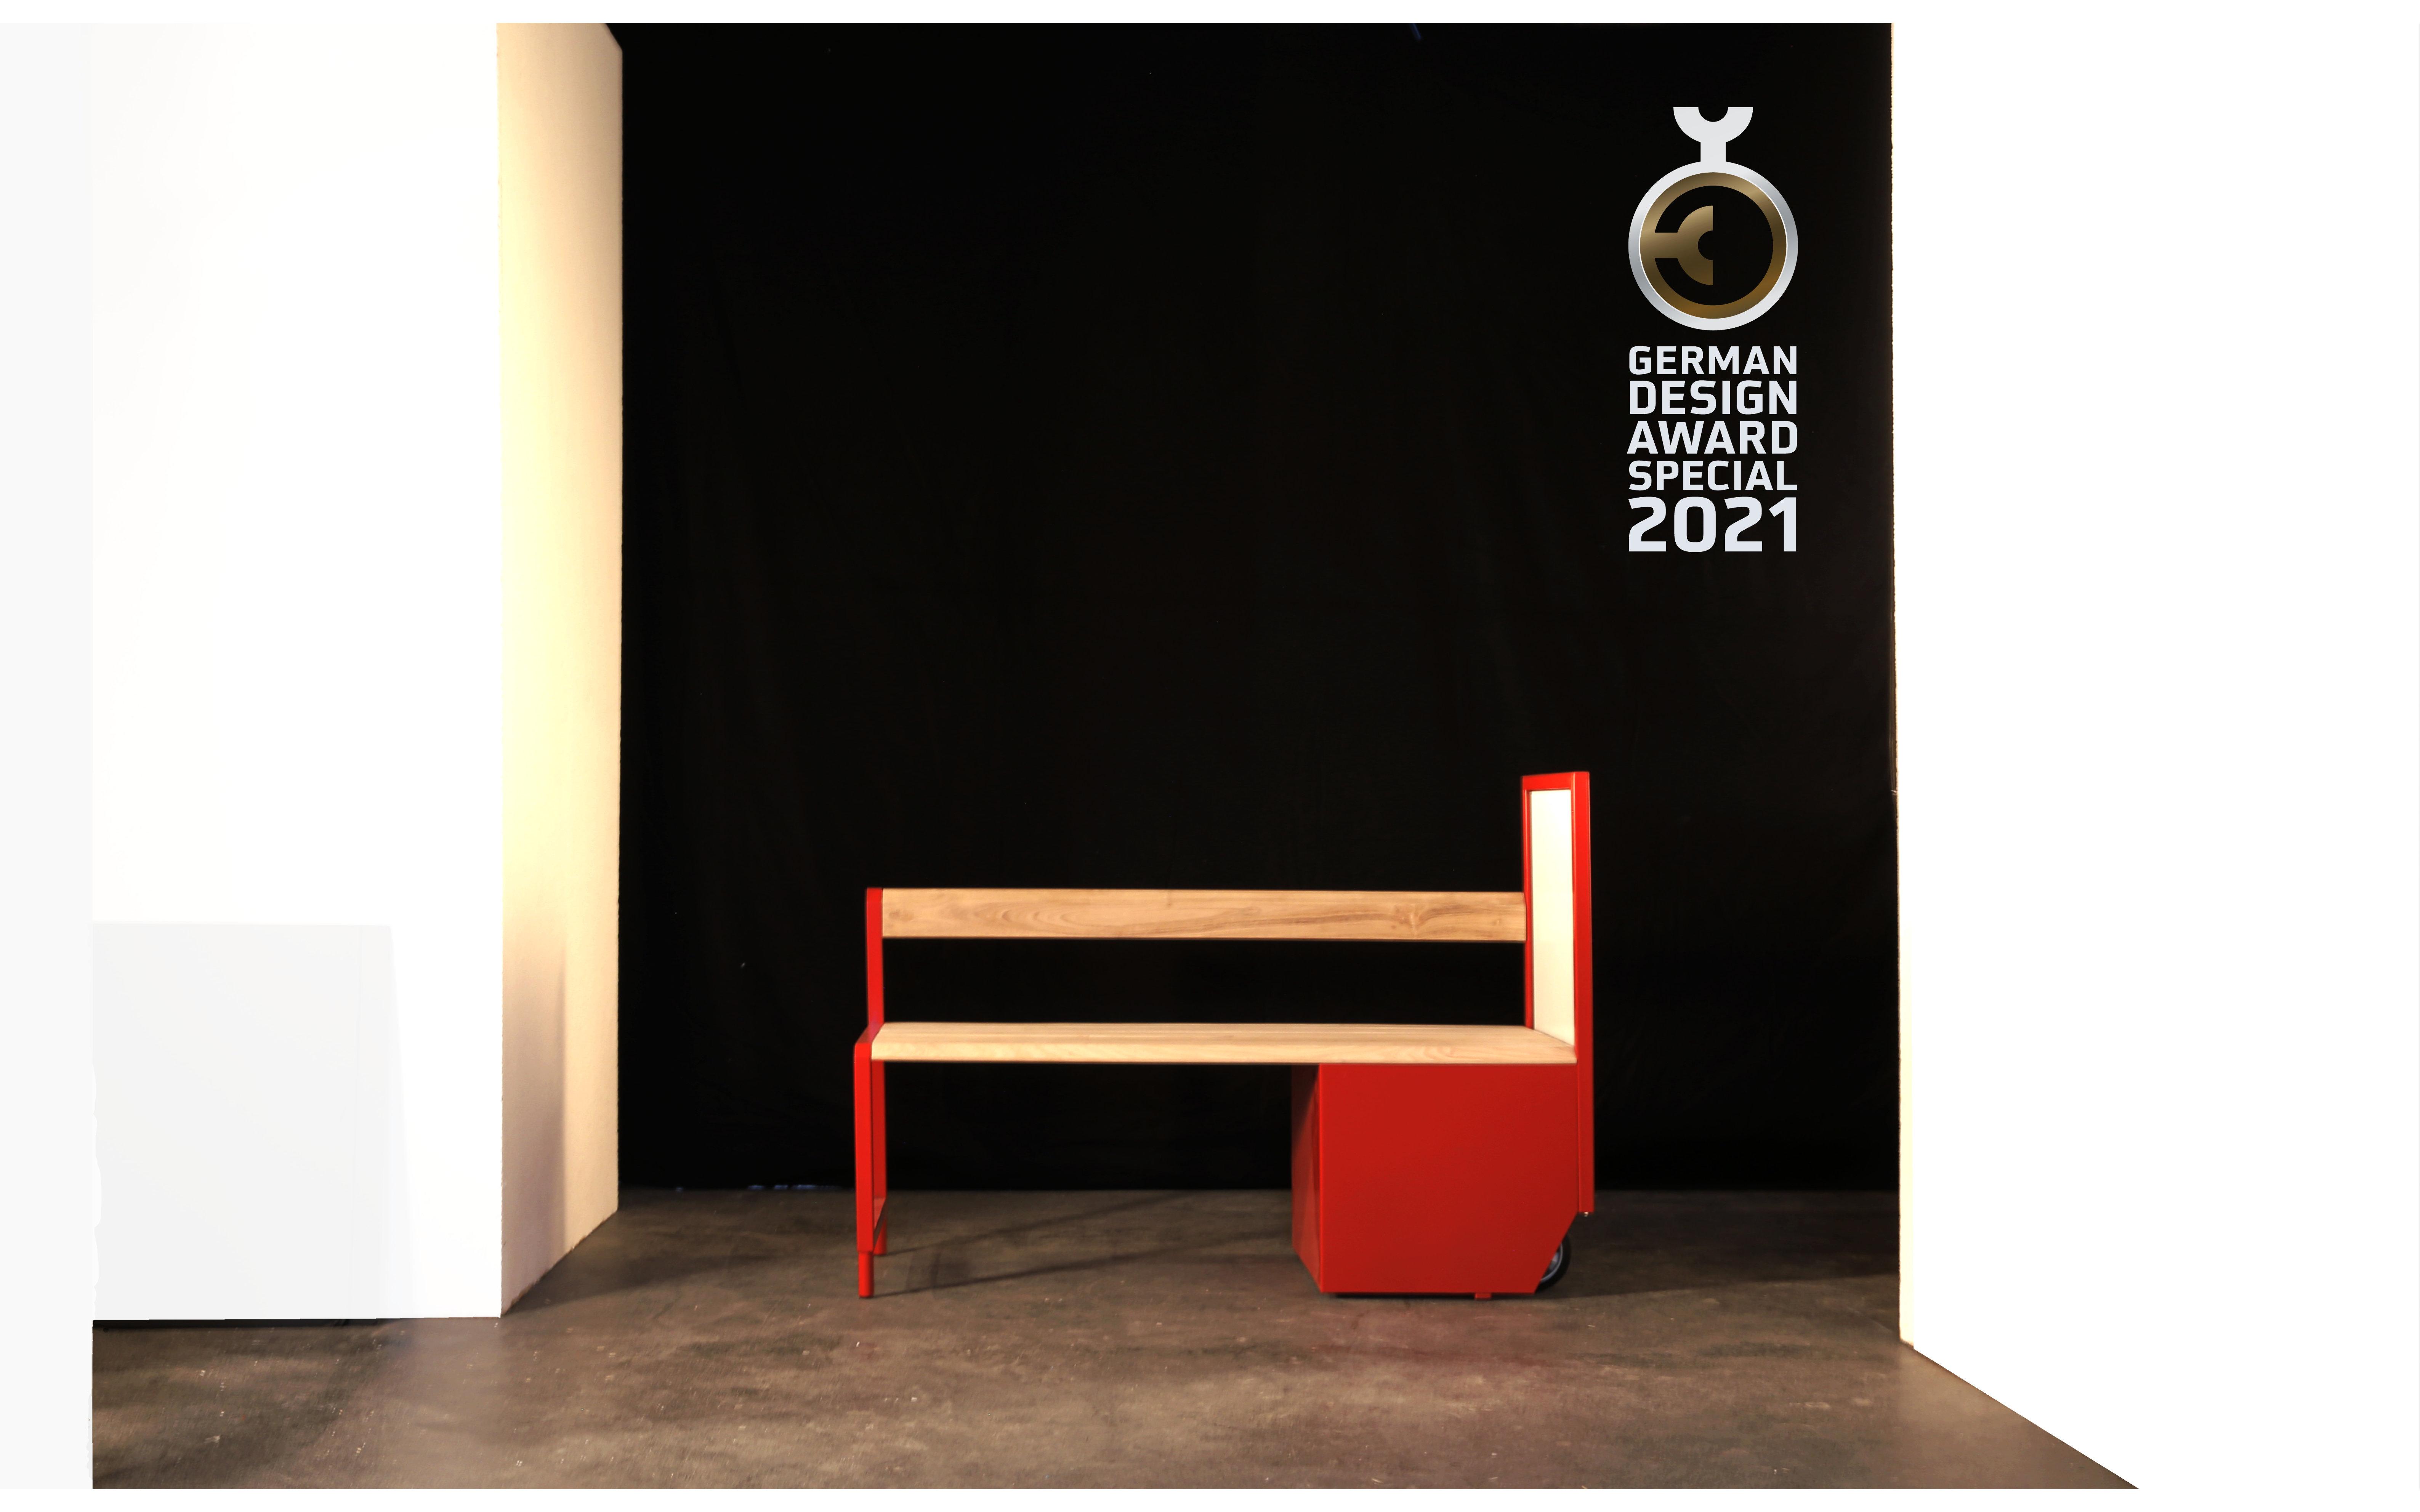 germandesignaward 2021